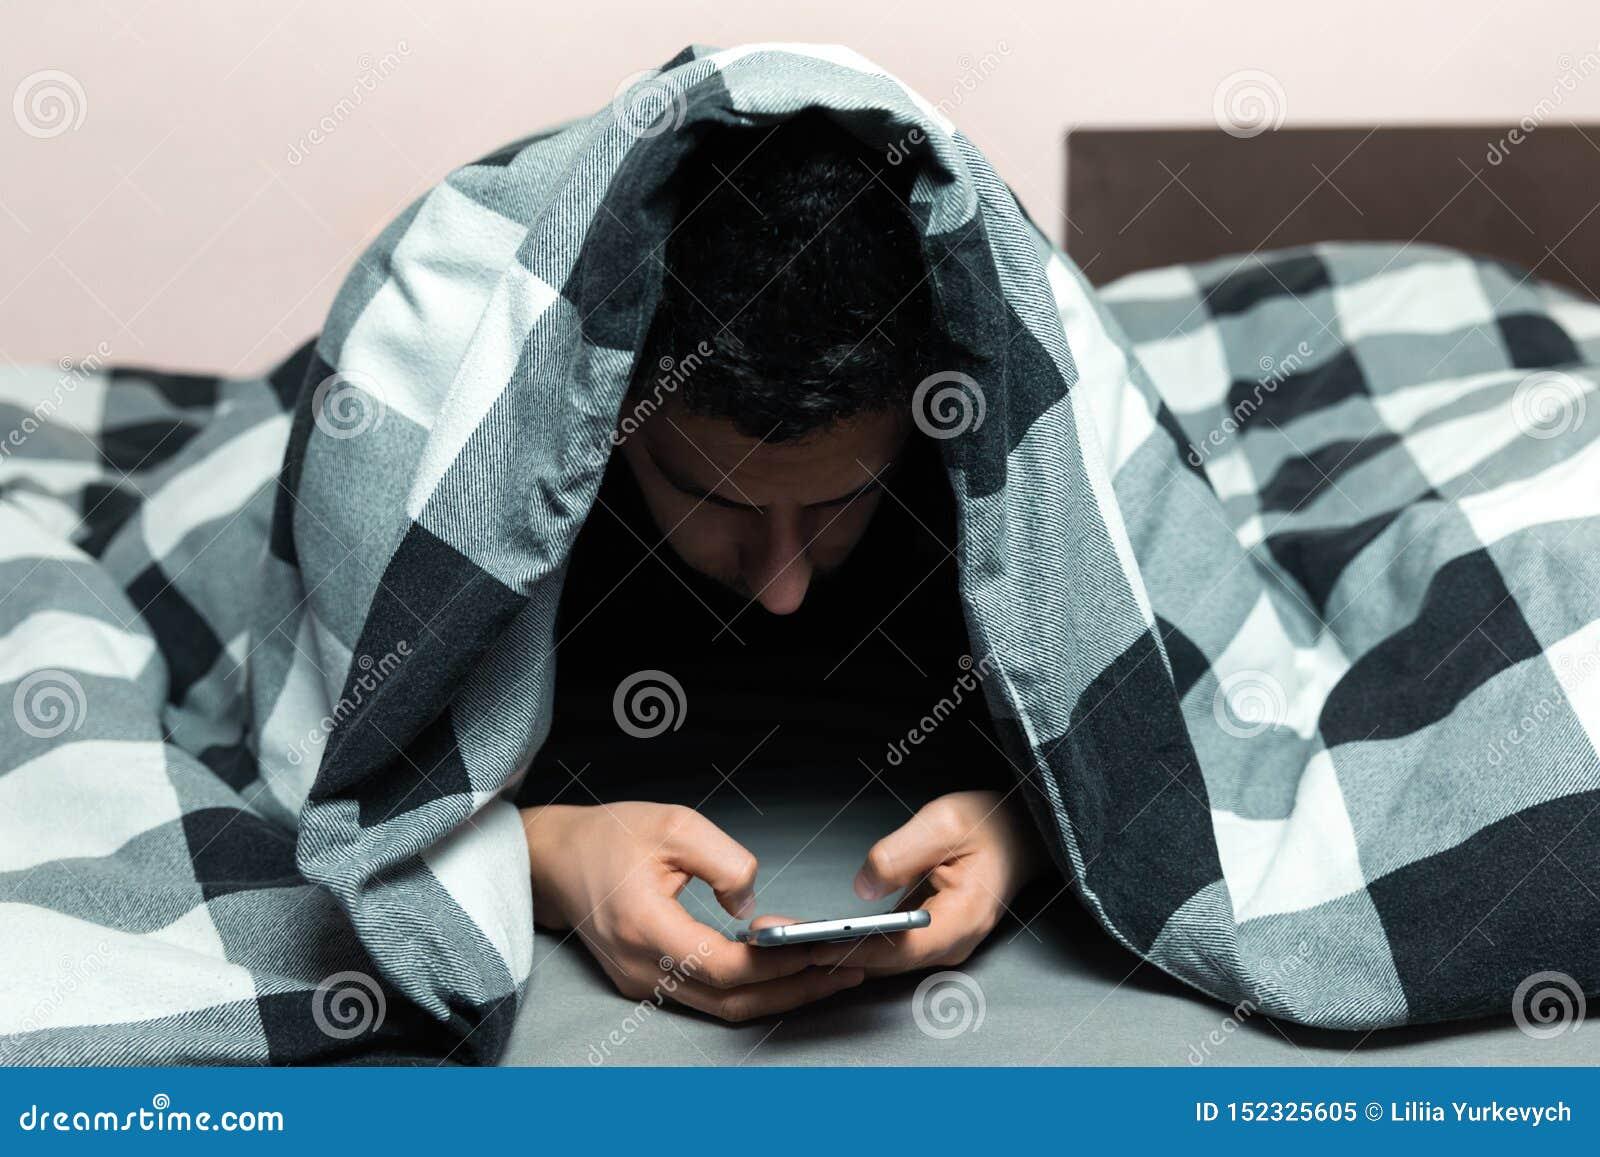 Hombre joven en pijamas usando un teléfono móvil